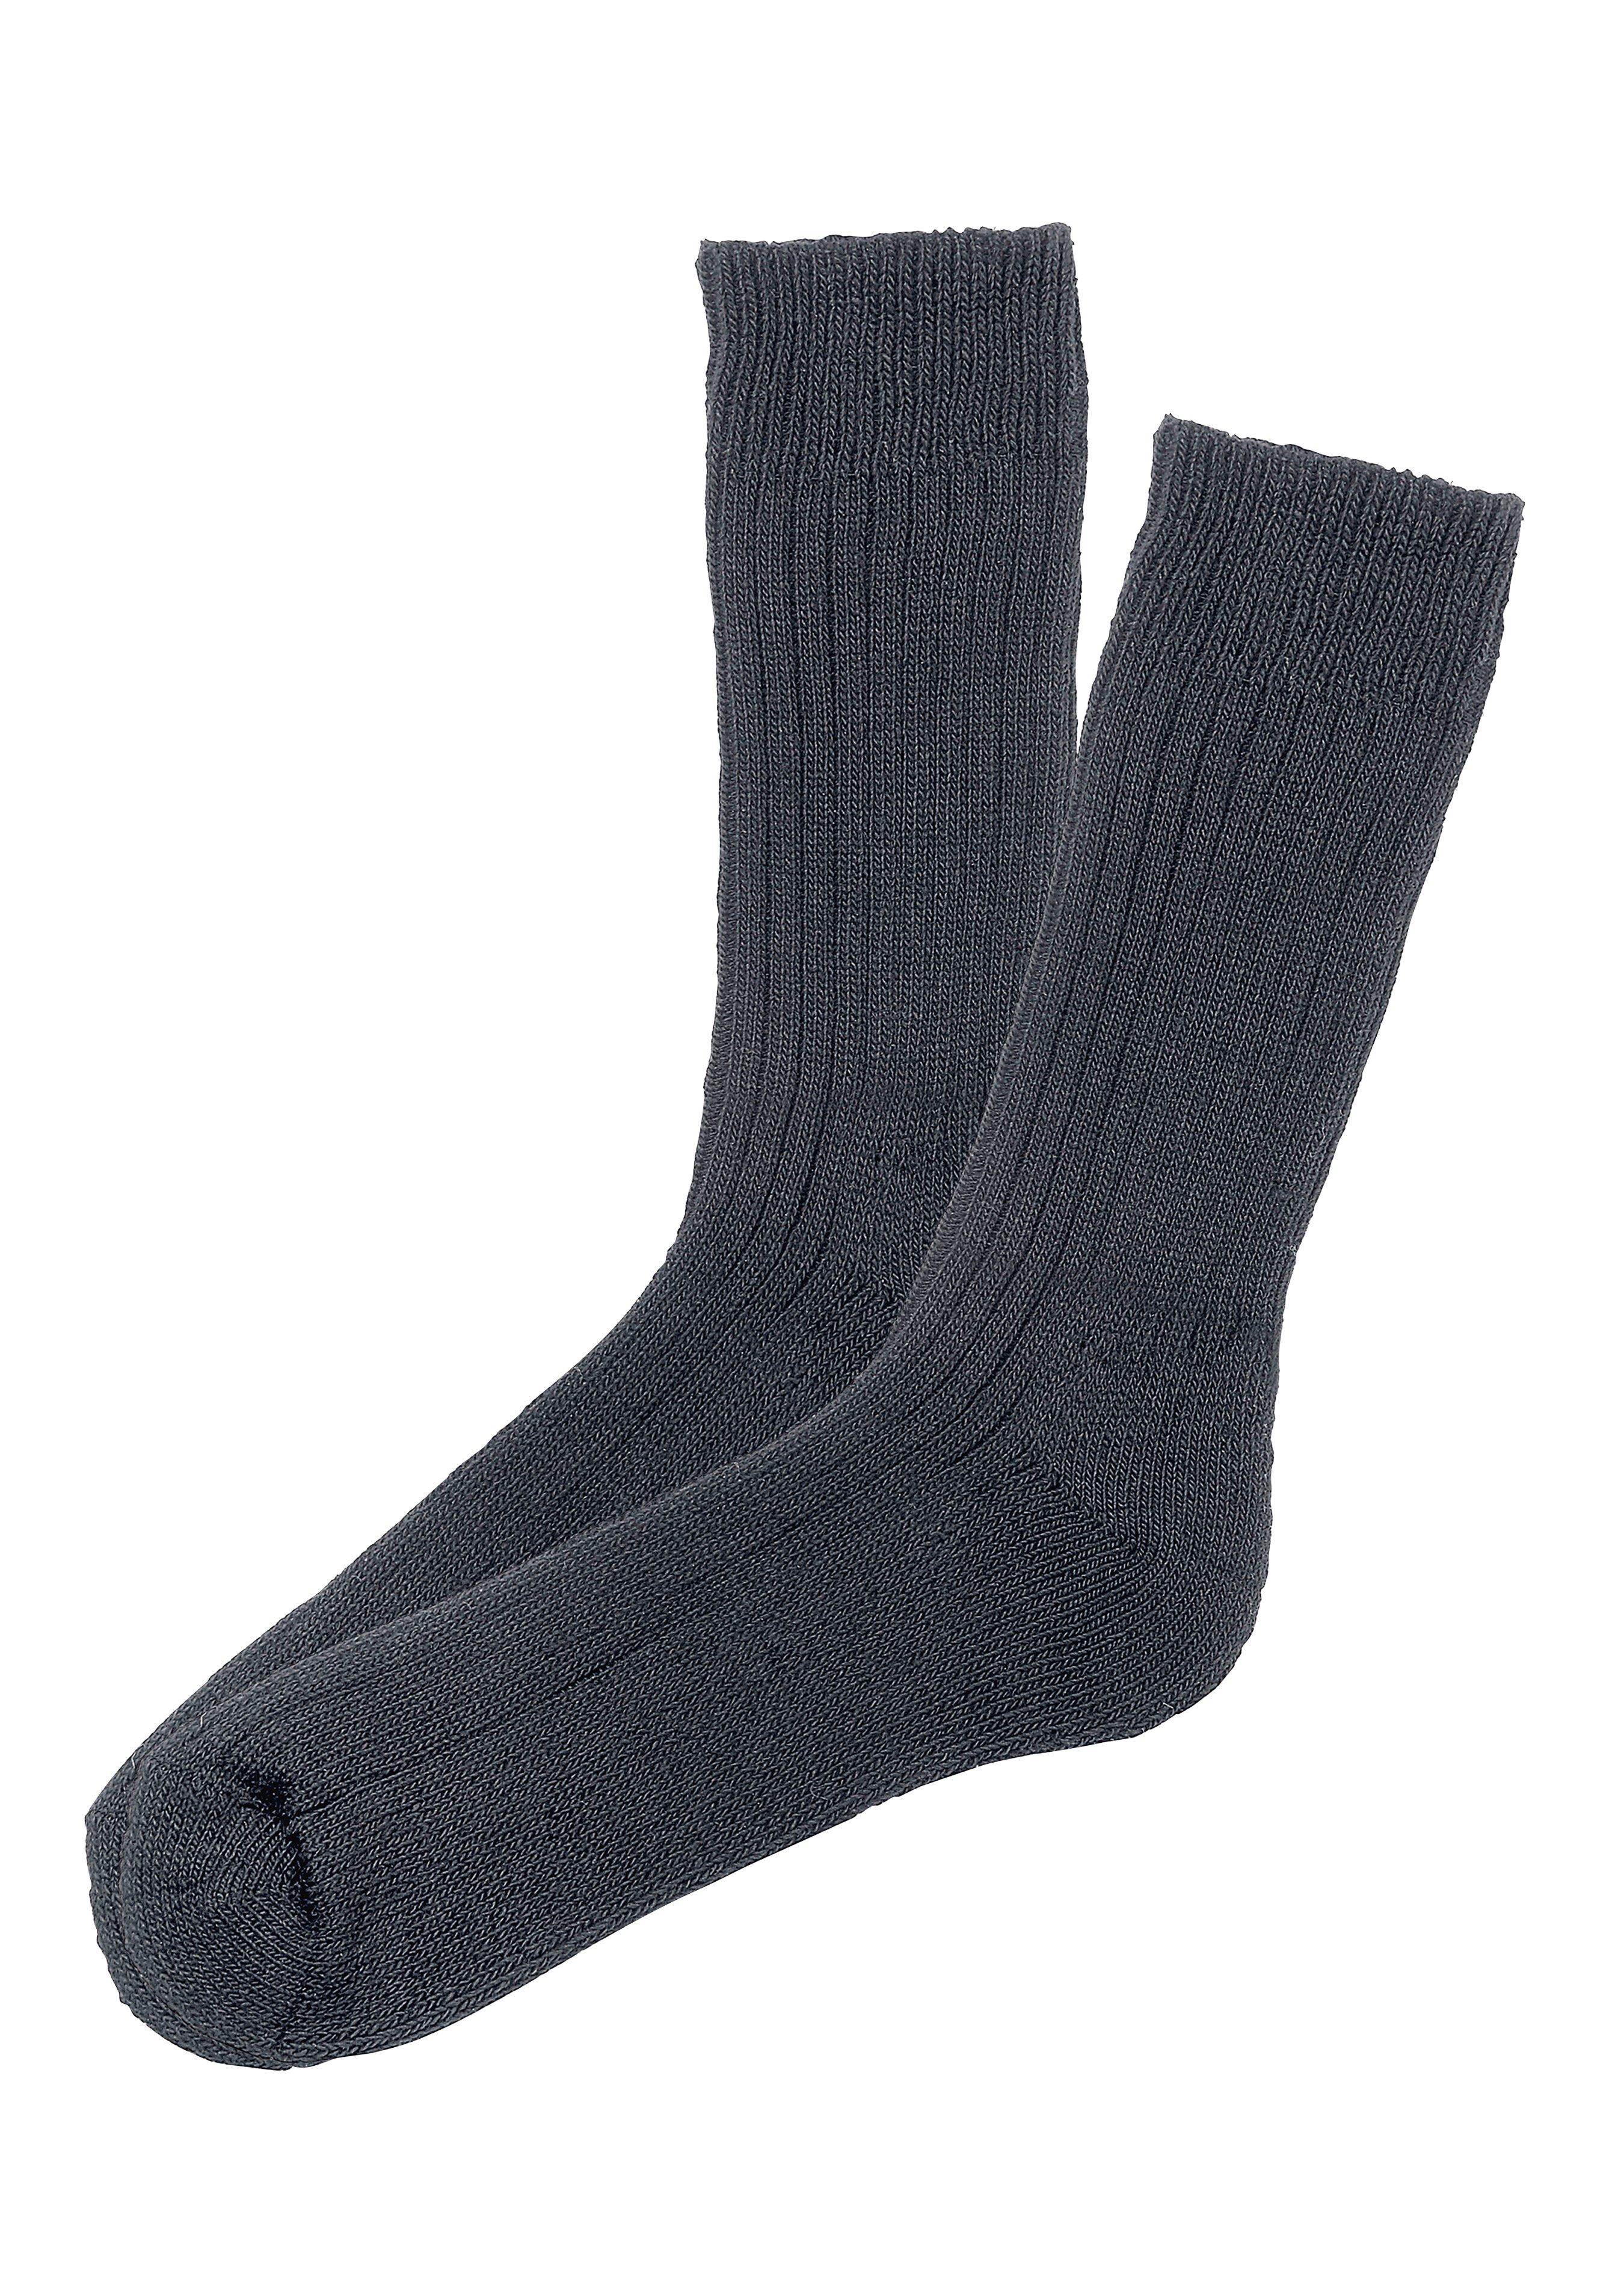 Chaussettes militaires, 2 paires 27761139 2